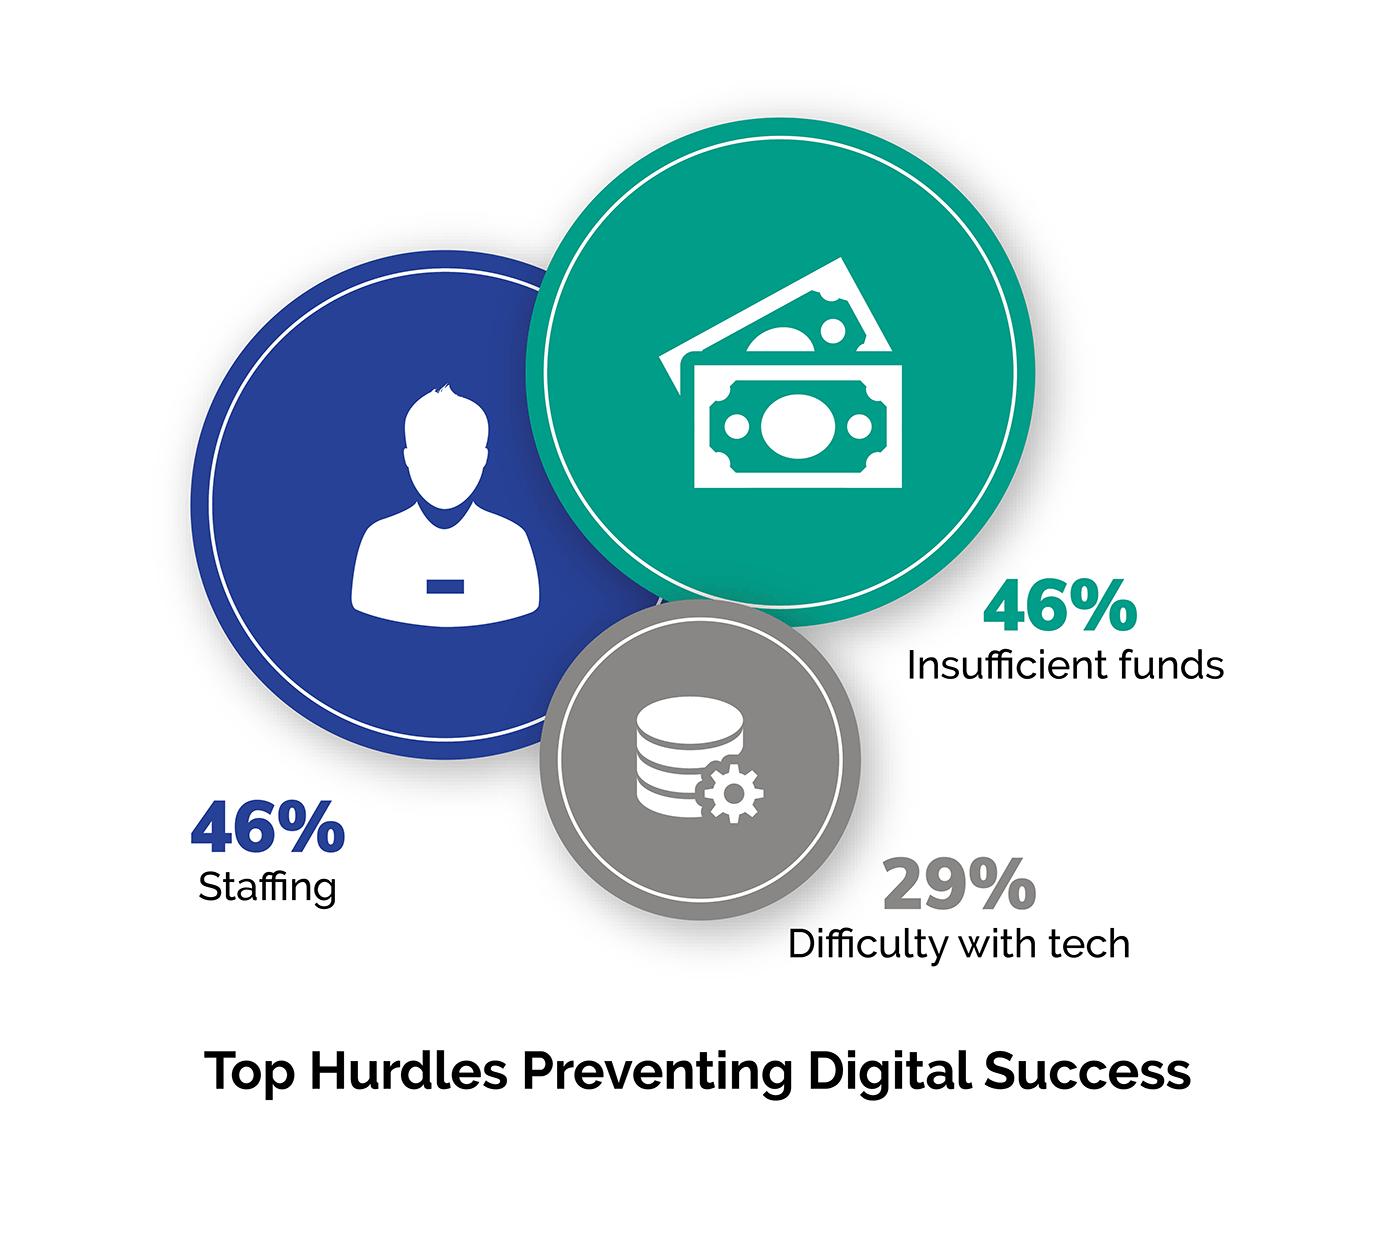 Top Marketing Hurdles Chart